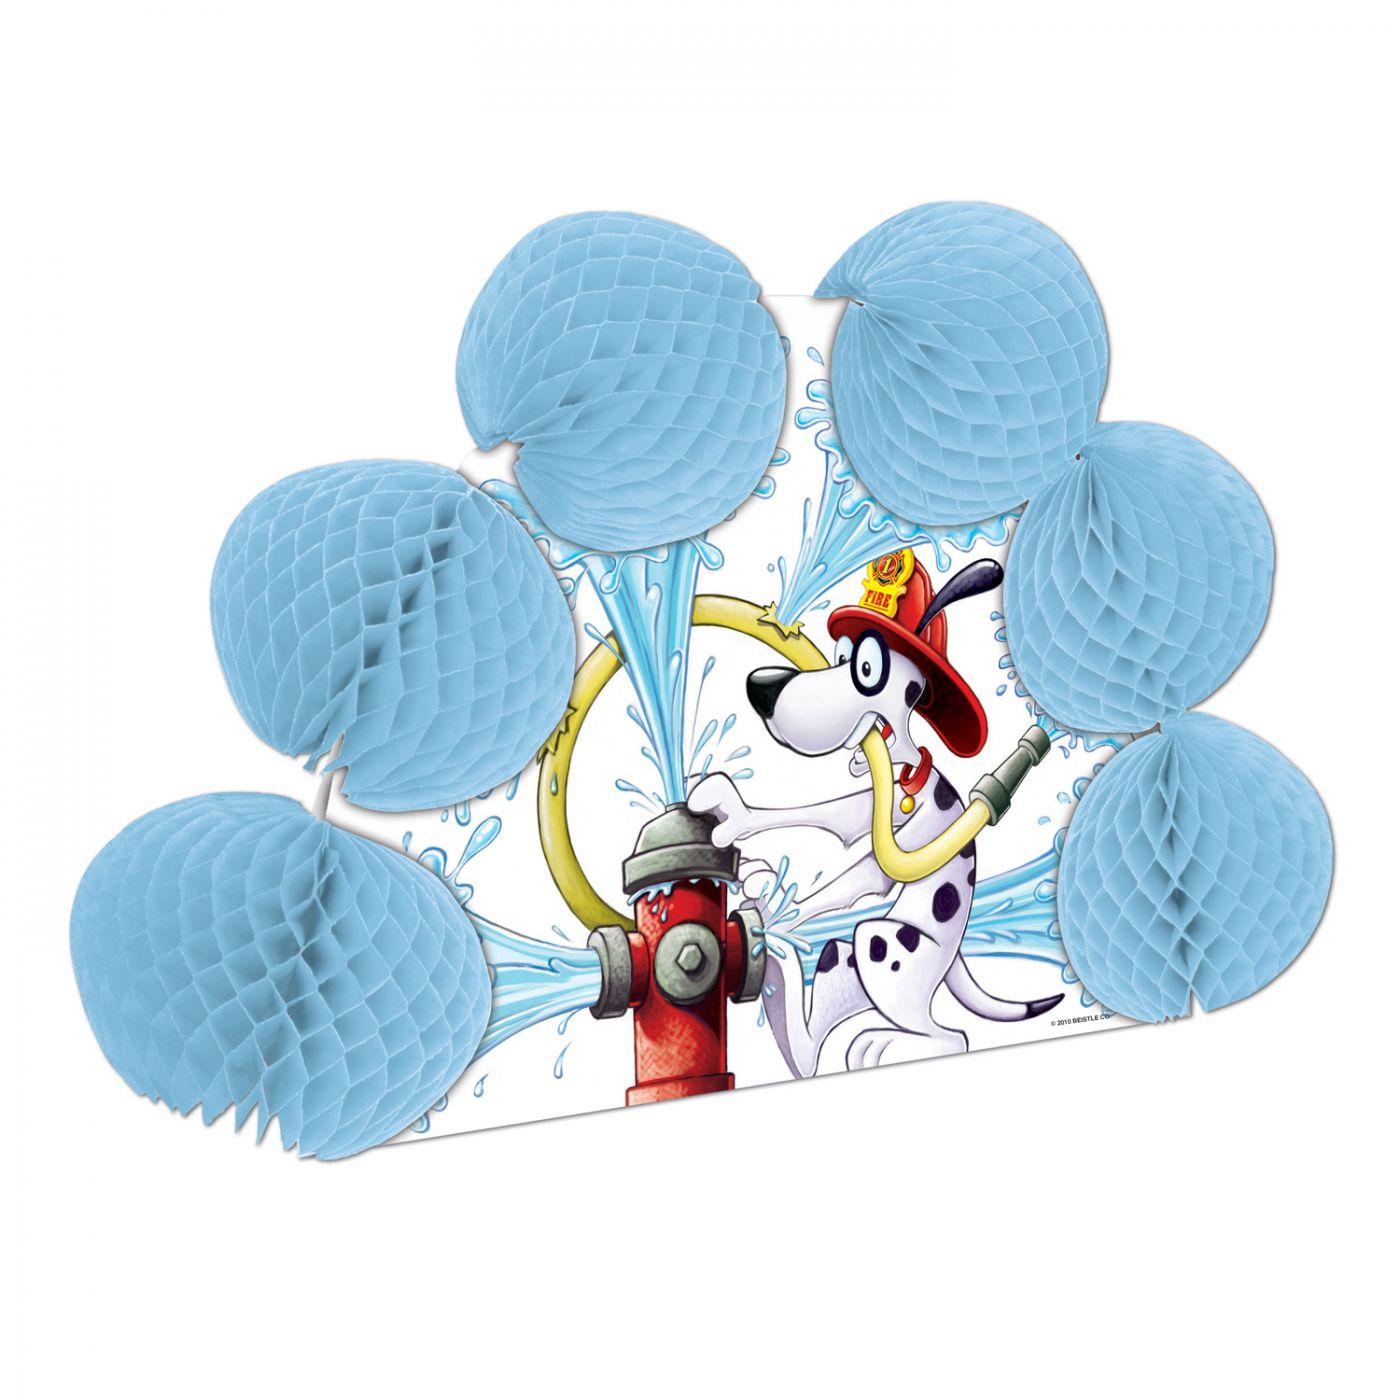 Dalmatian Pop-Over Centerpiece image